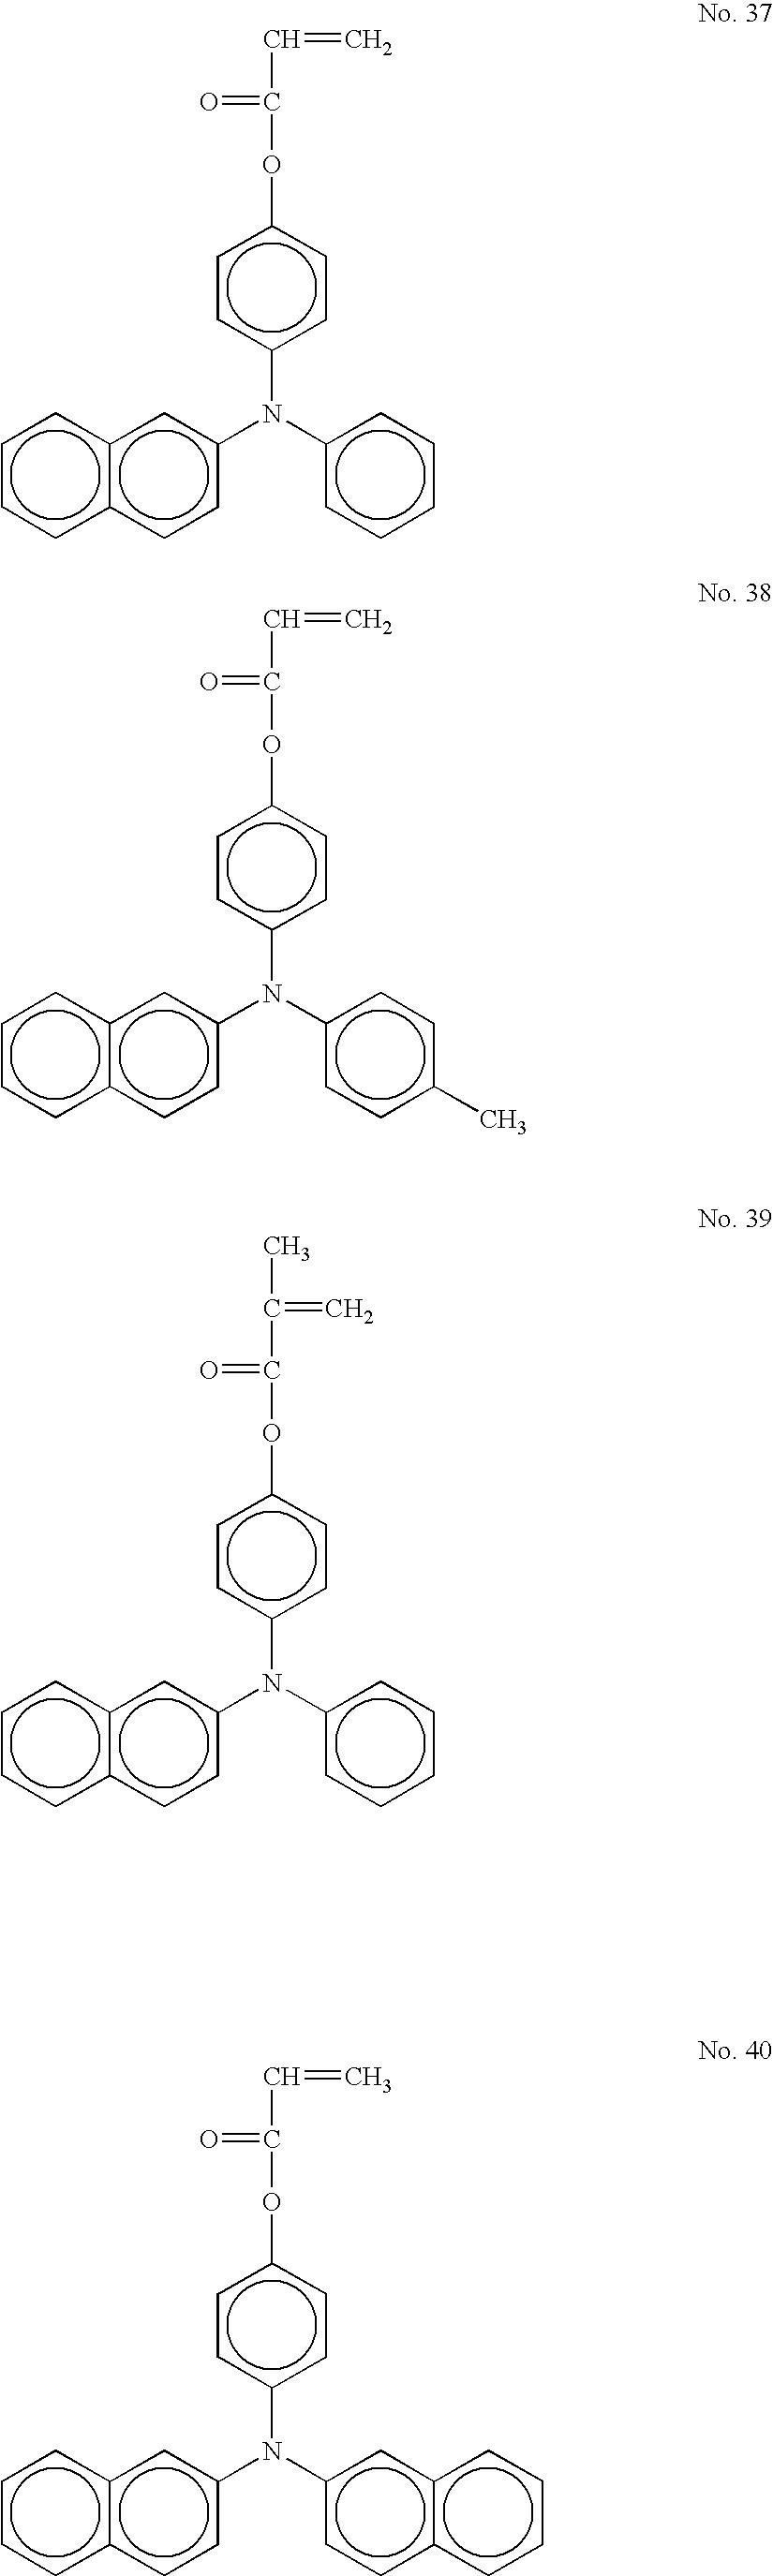 Figure US20060177749A1-20060810-C00029